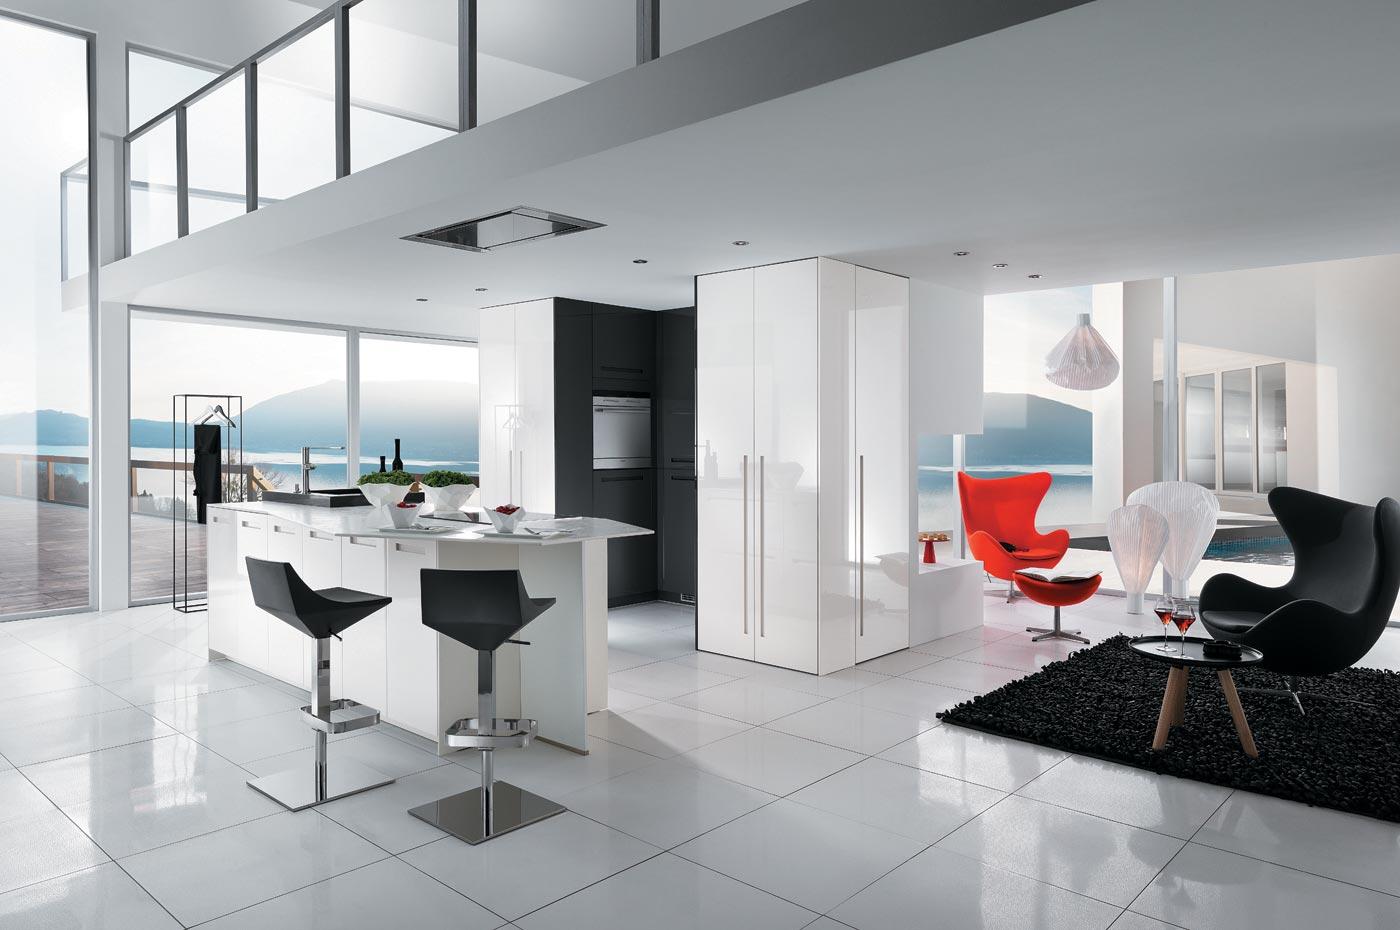 Faure agencement perene lyon cuisines salle de bains - Carrelage cuisine noir brillant ...